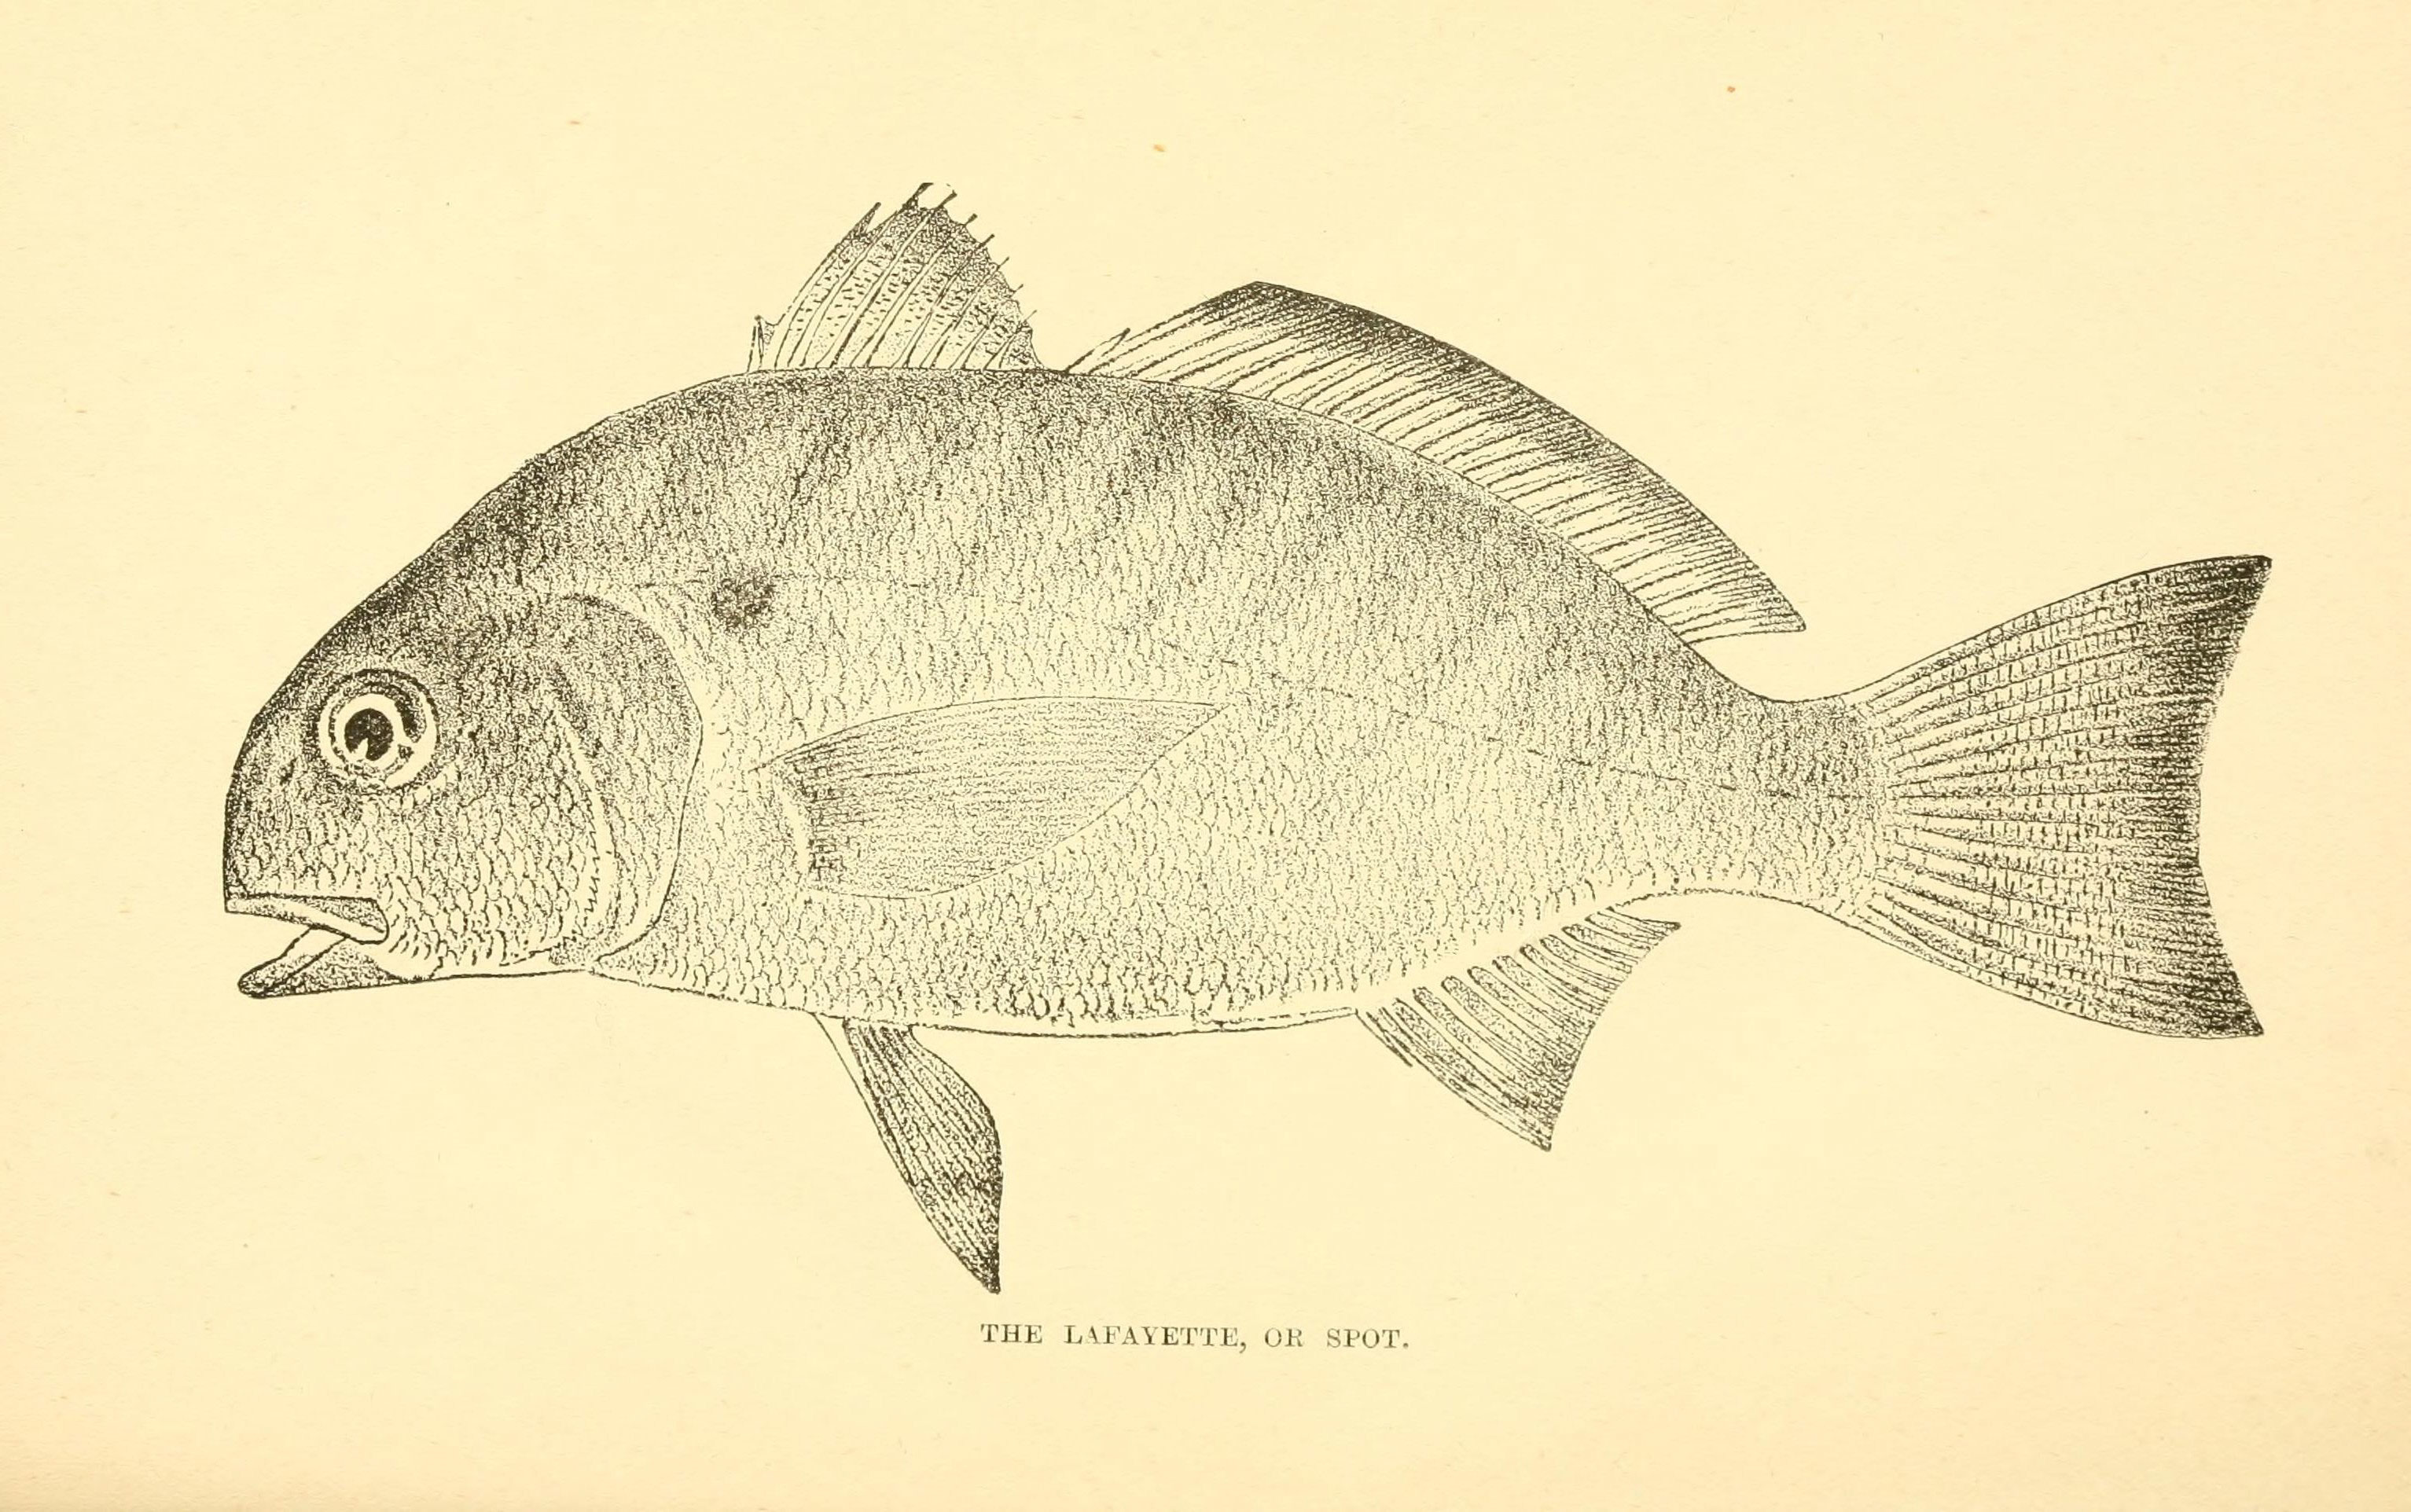 Image of Spot Croaker